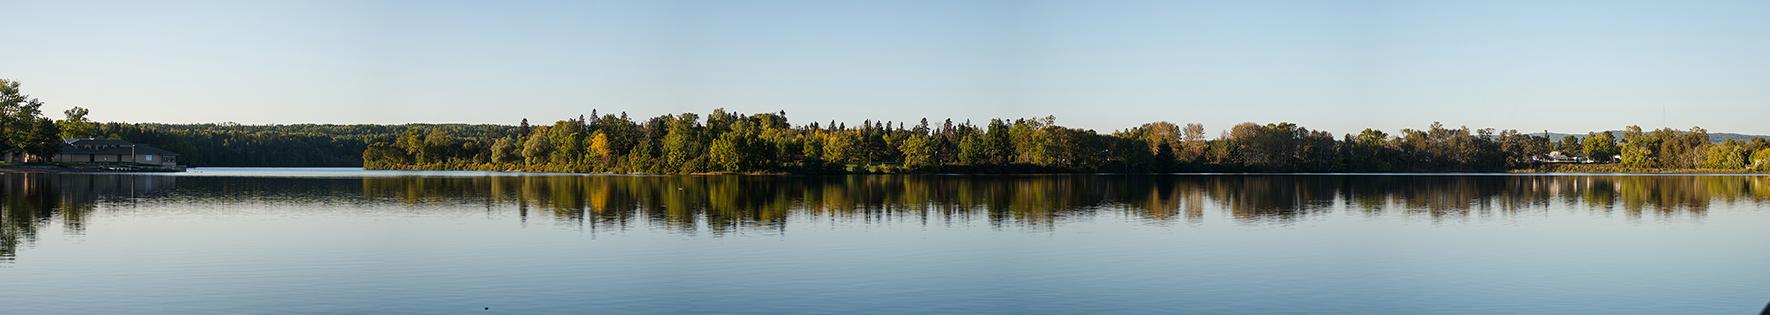 2017.9 Boulevard Lake panorama-resize.jpg